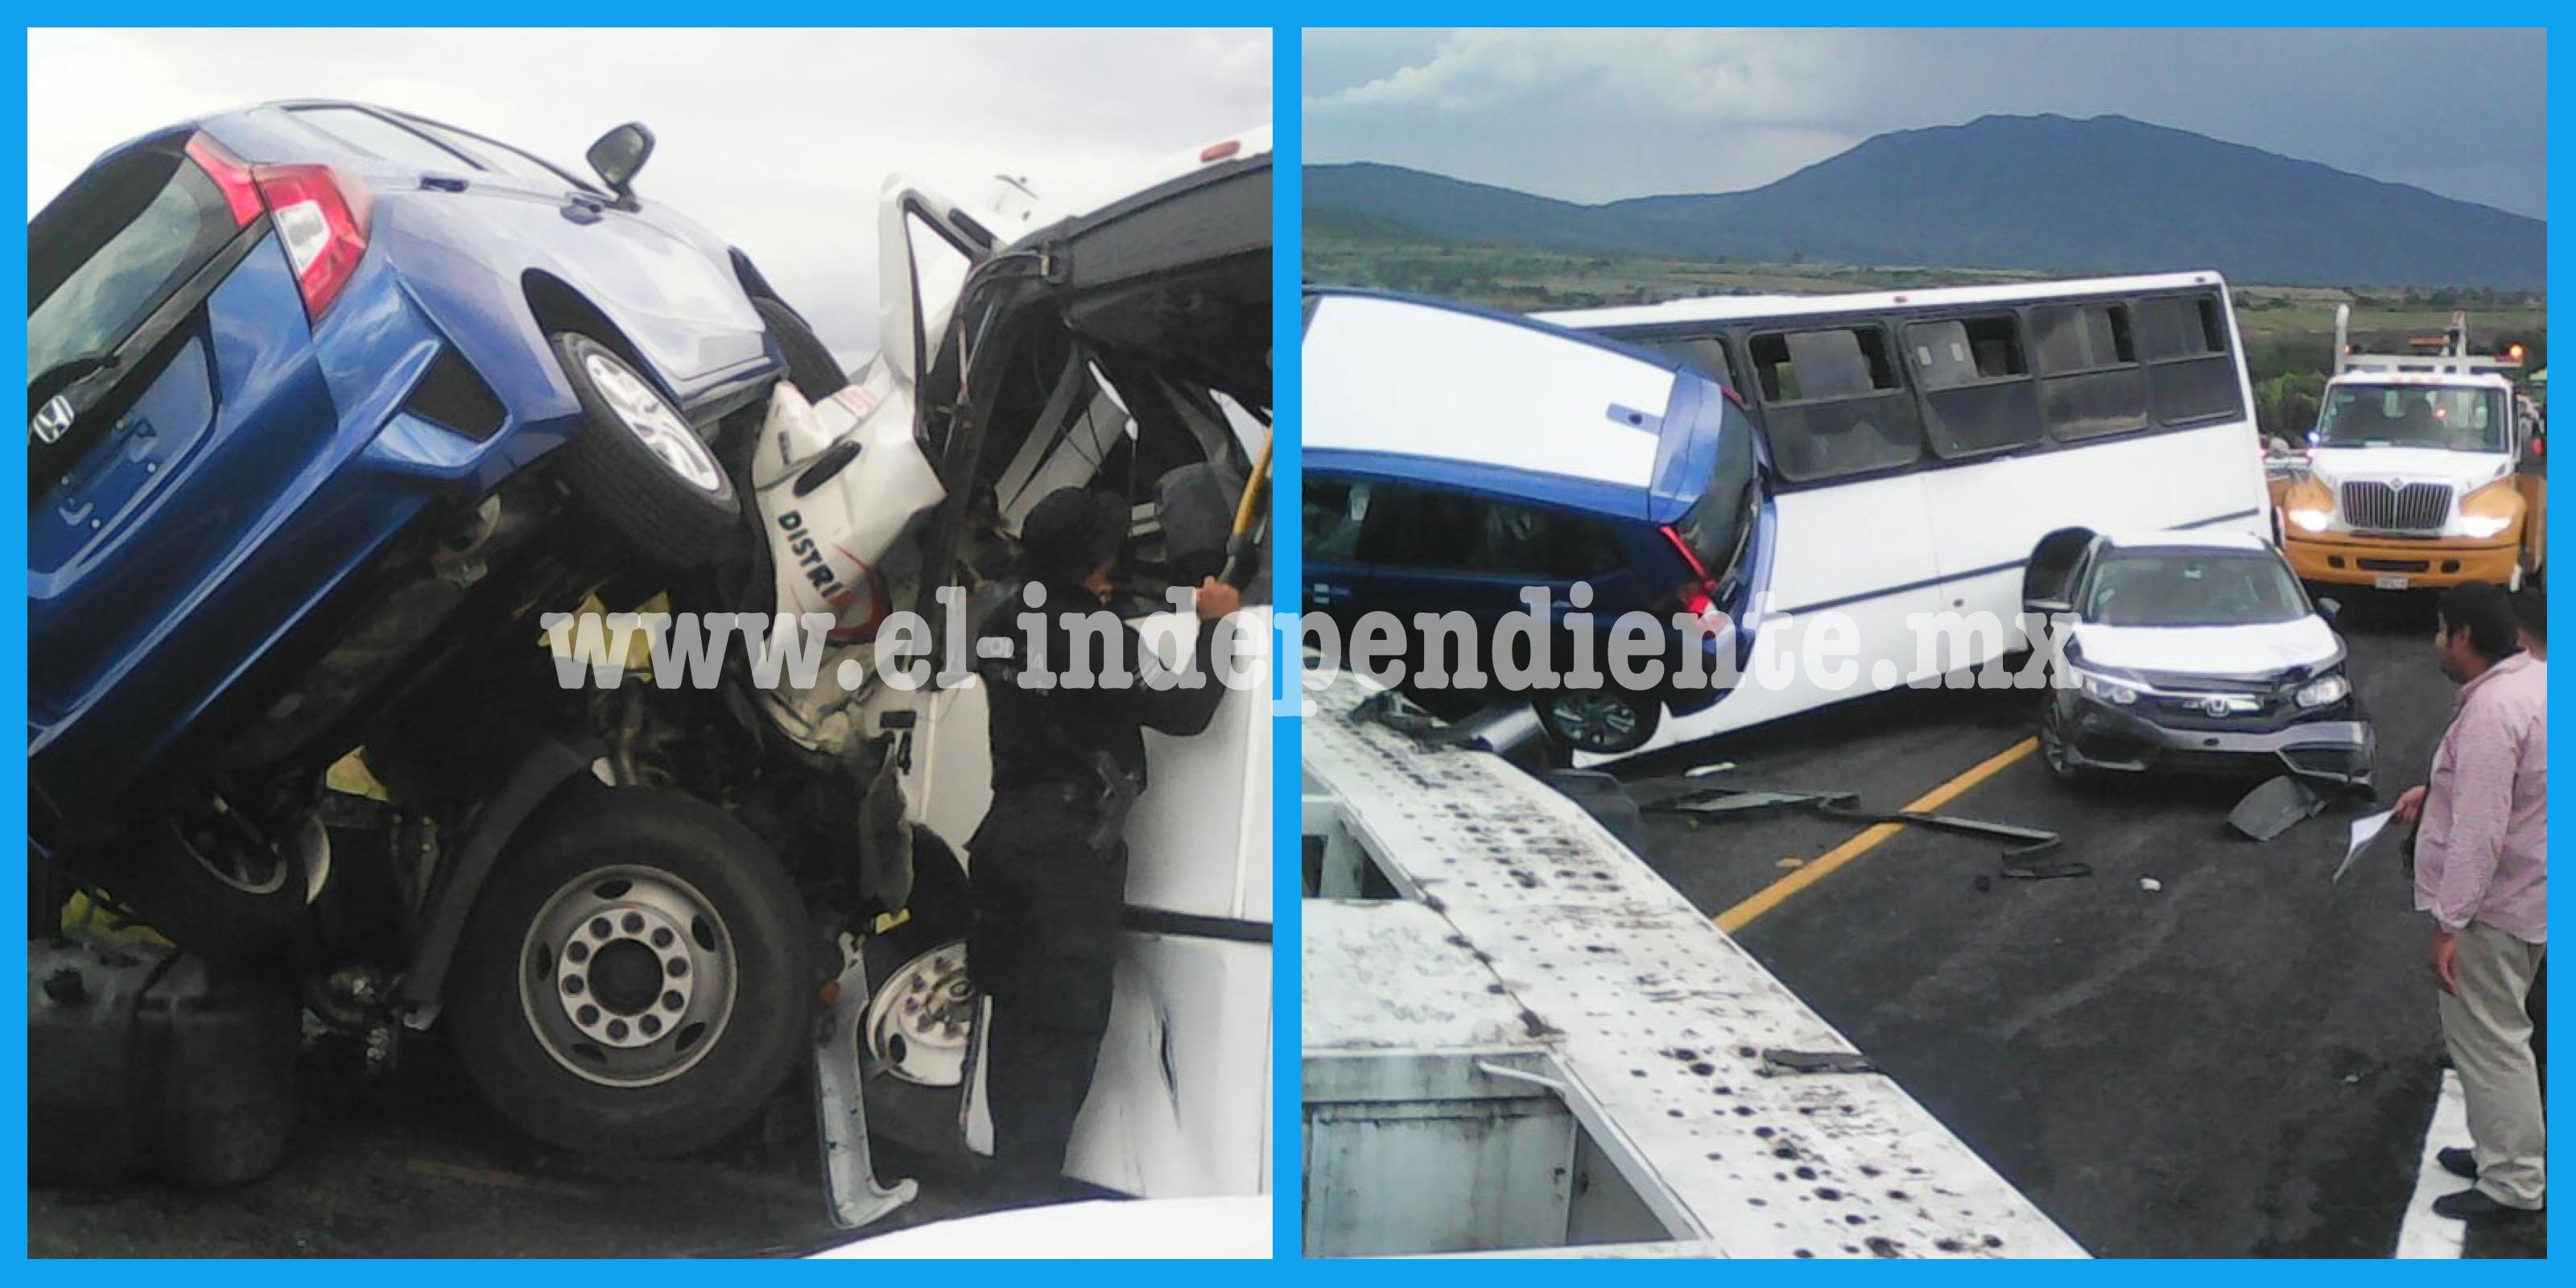 """27 lesionados deja un choque de vehículo """"nodriza"""" contra camión de pasajeros: PCE"""